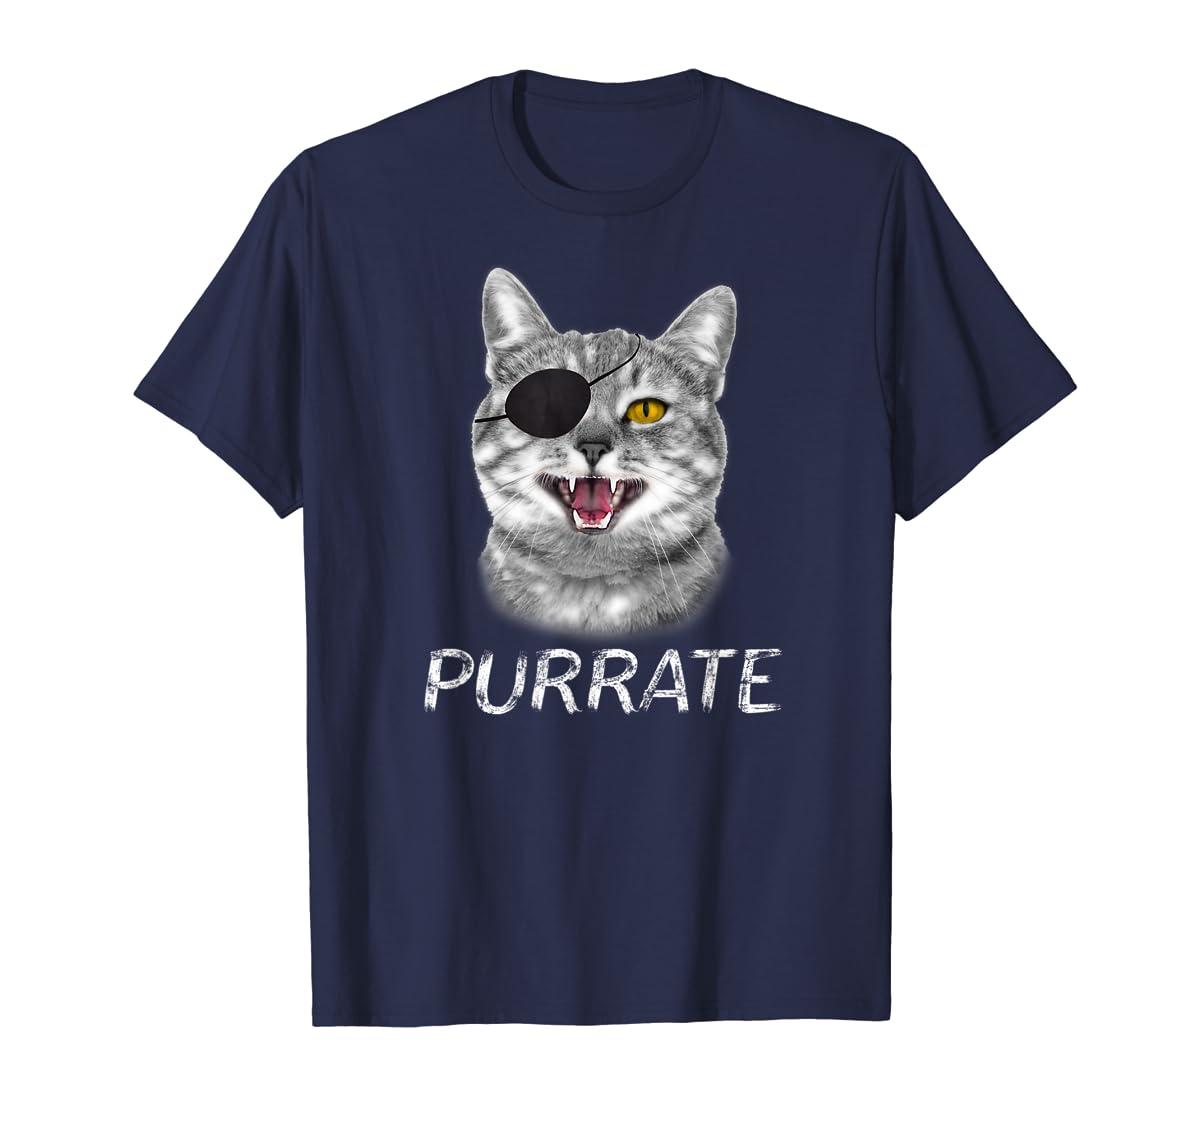 Halloween Trick Treat Cat Pirate Purrate T-Shirt-Men's T-Shirt-Navy